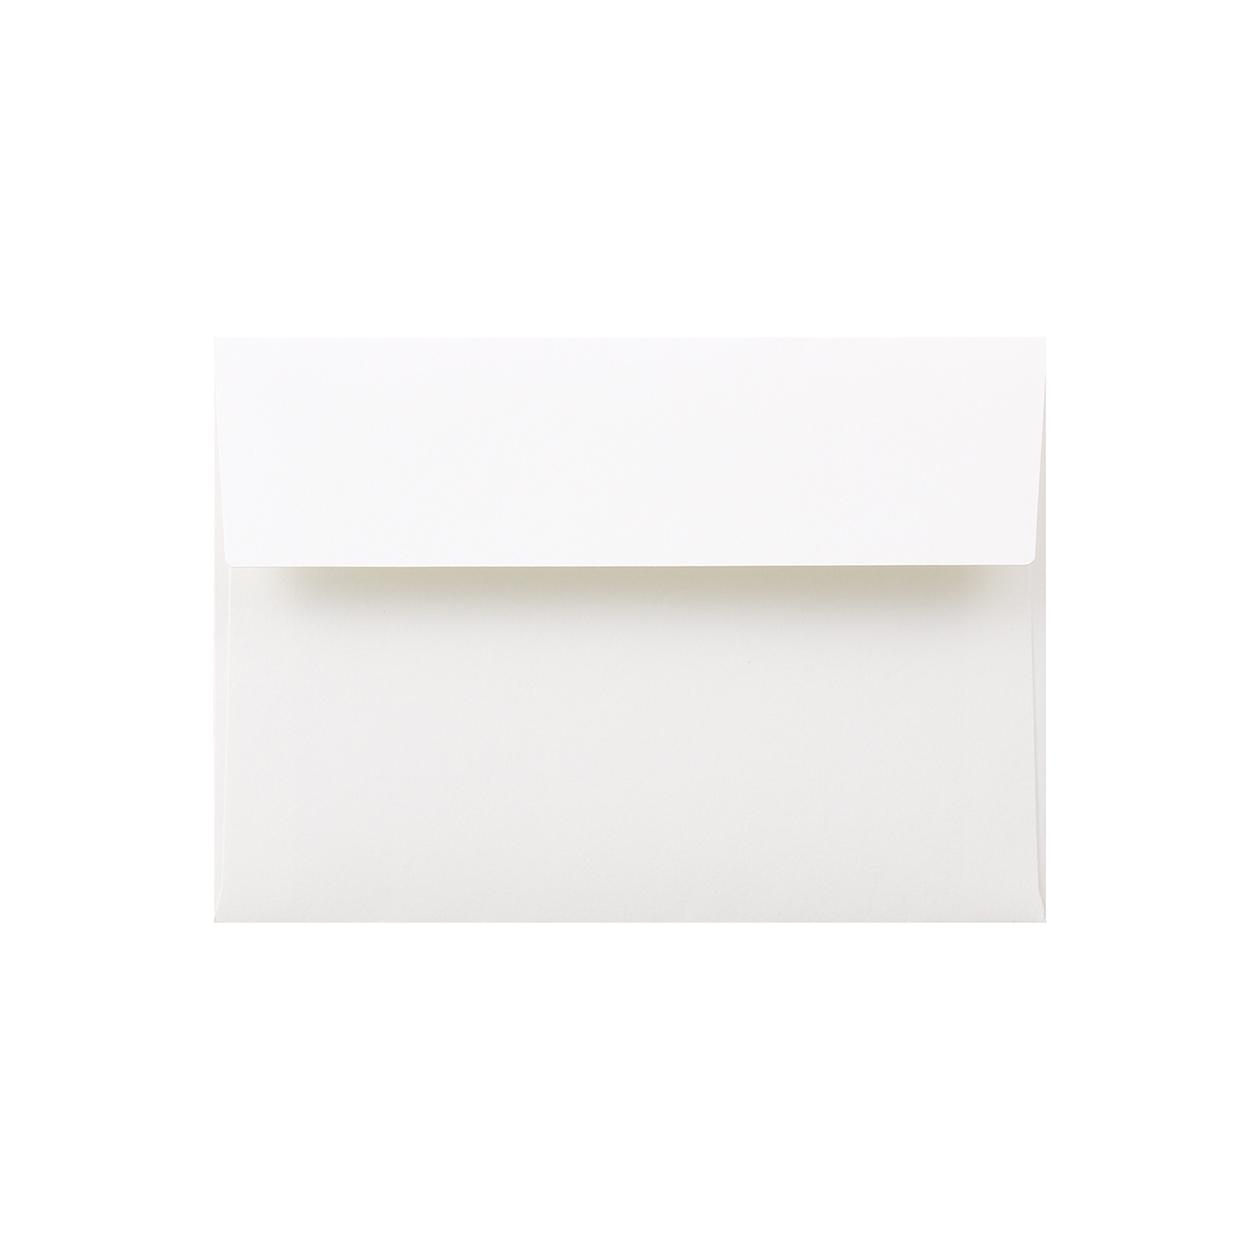 洋2カマス封筒 コットン スノーホワイト 139.5g